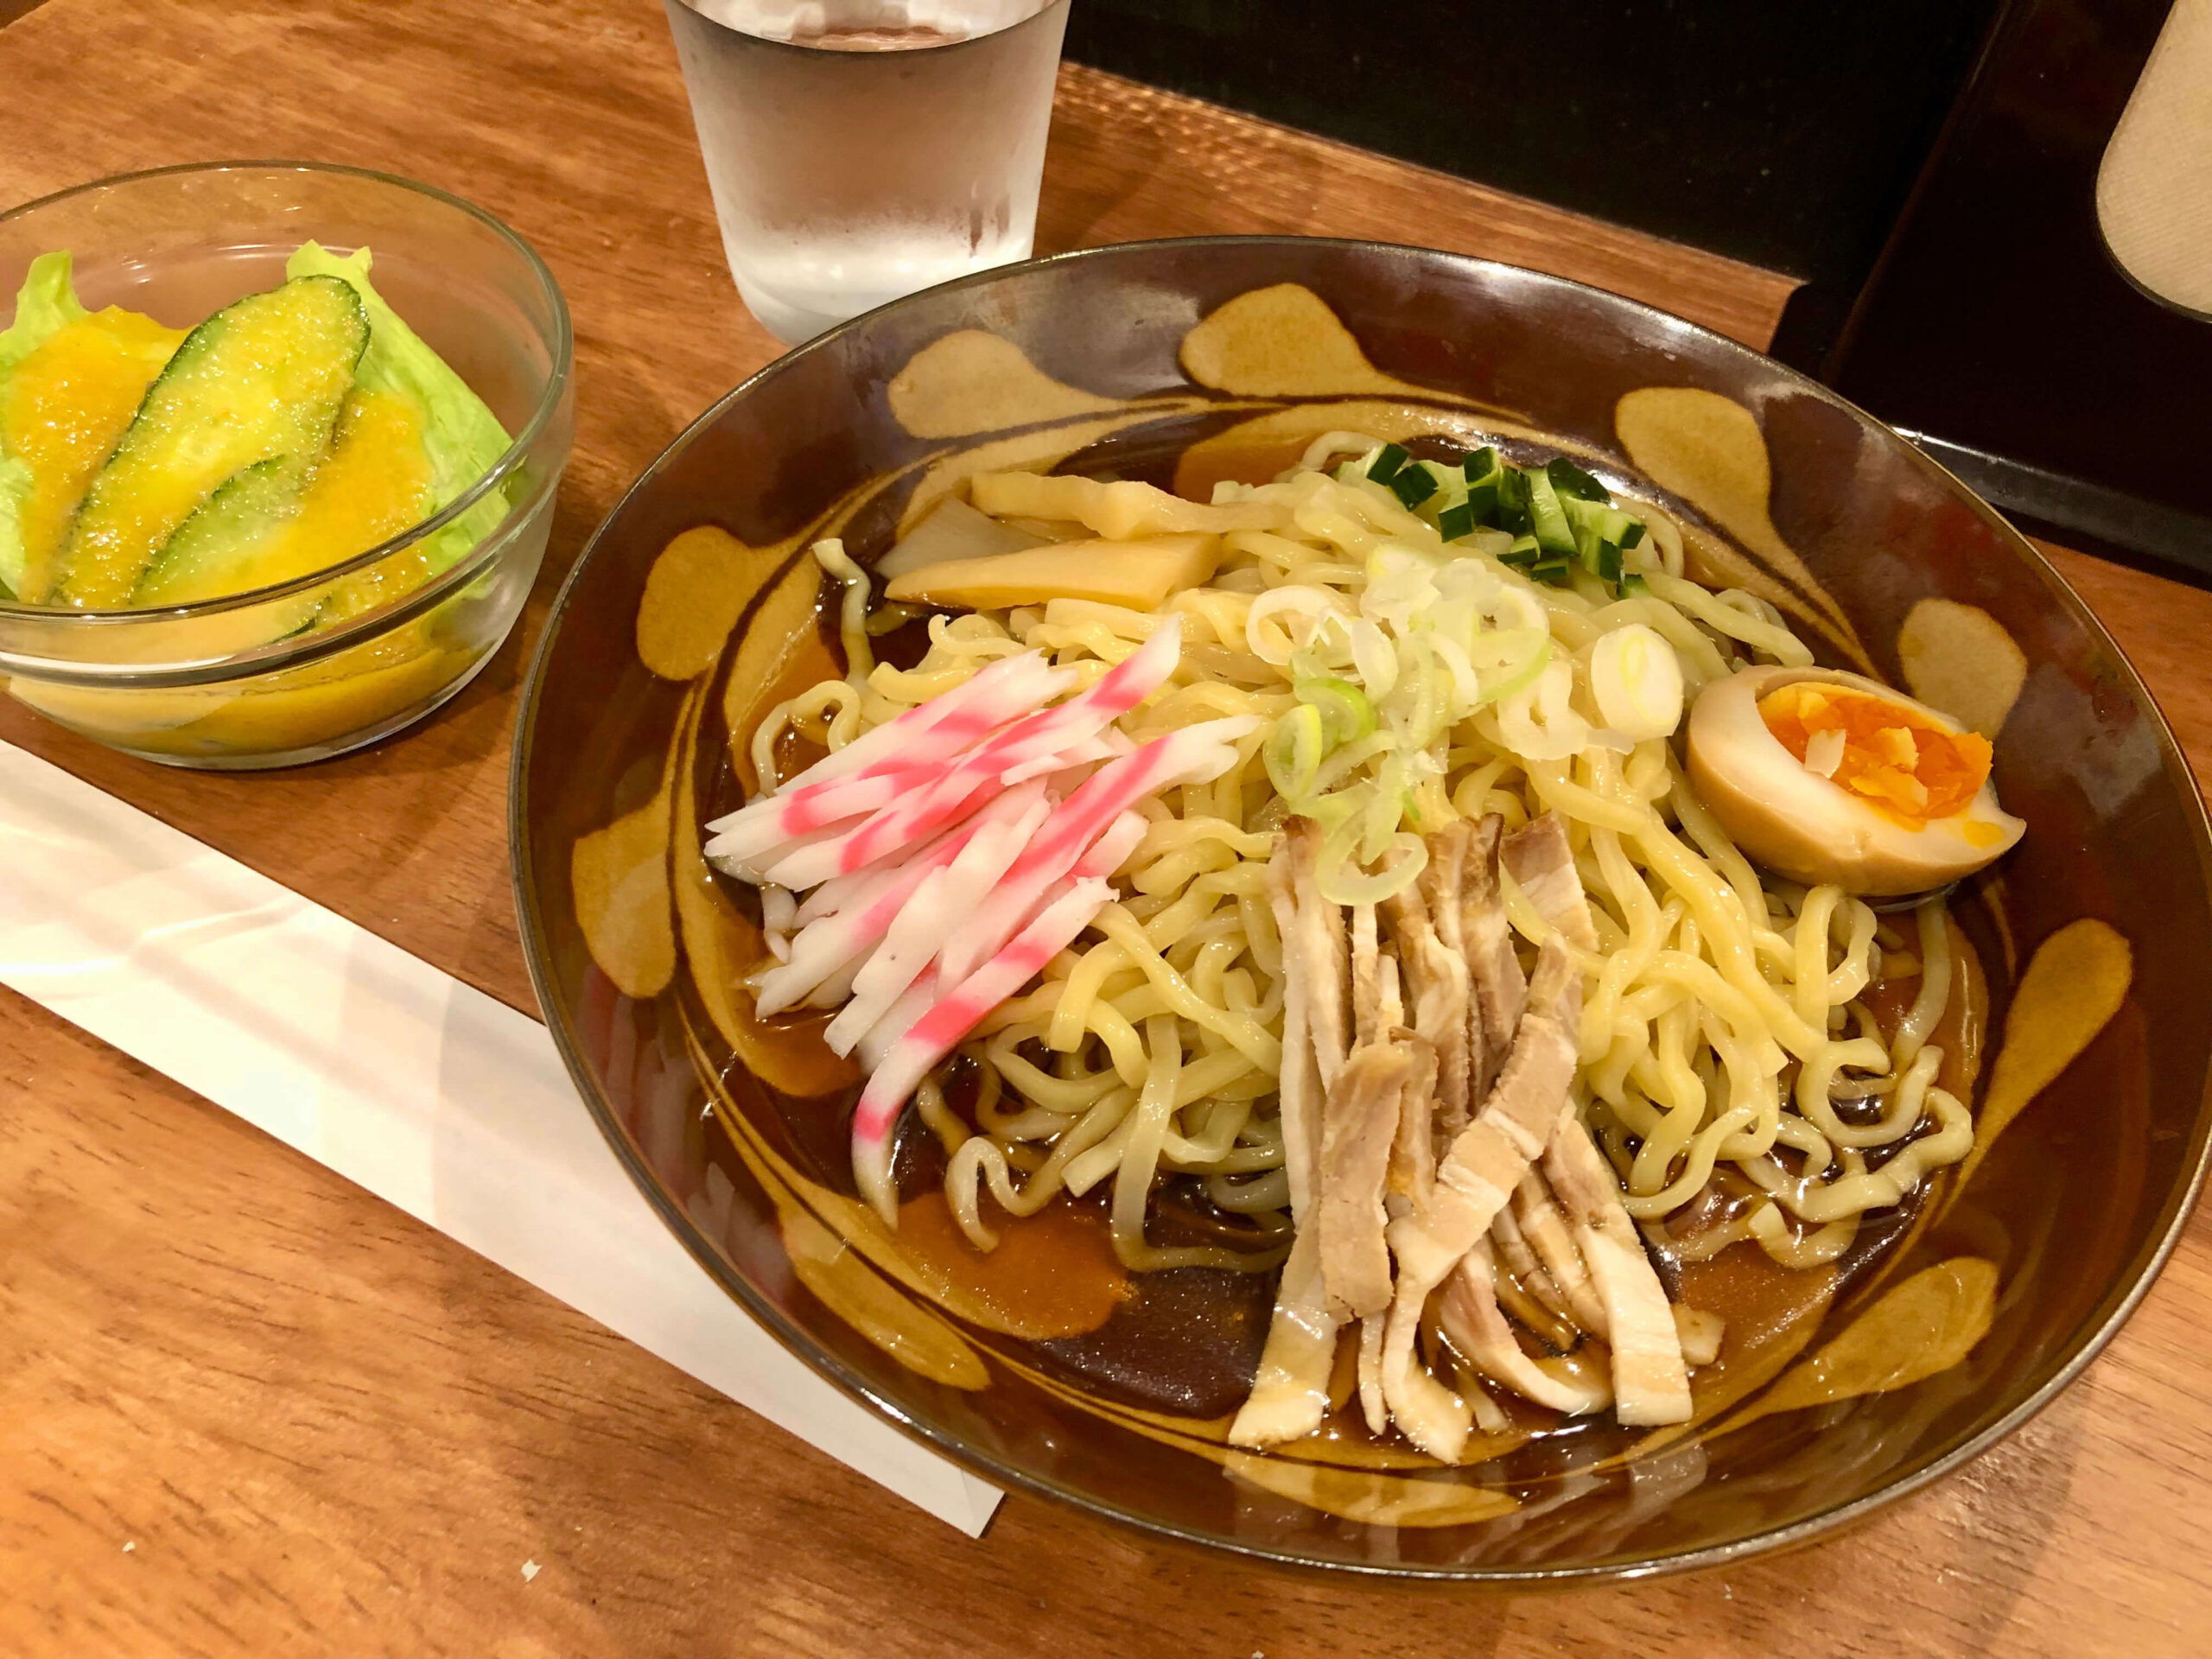 麺市場@テイスティングスポット ランチ 冷やし中華